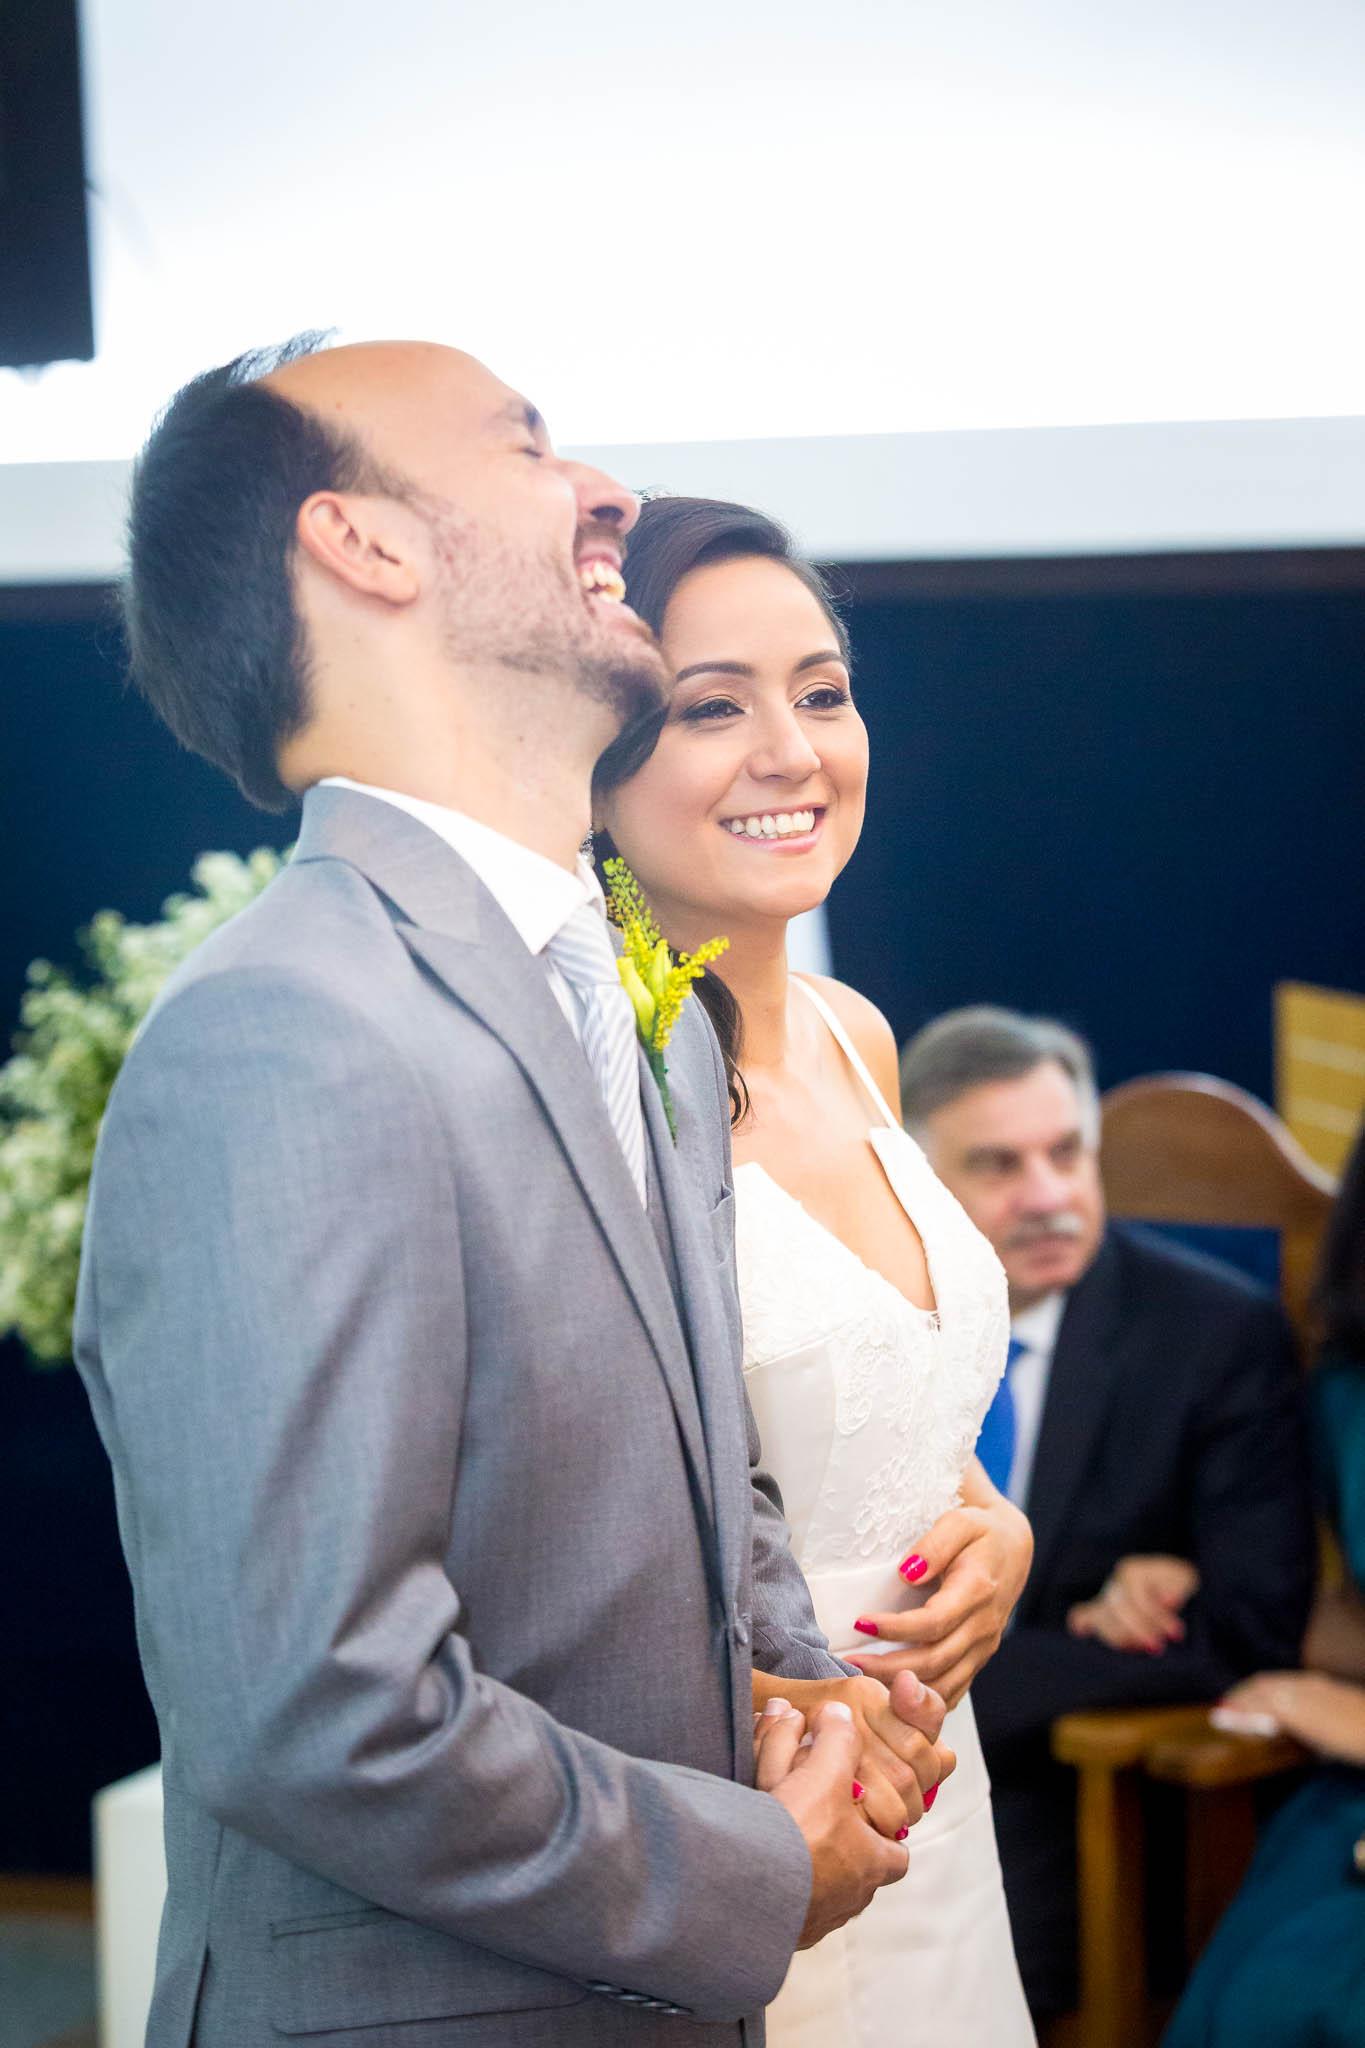 ANDRE PICCININI FOTOGRAFO DE CASAMENTO2T8A8973